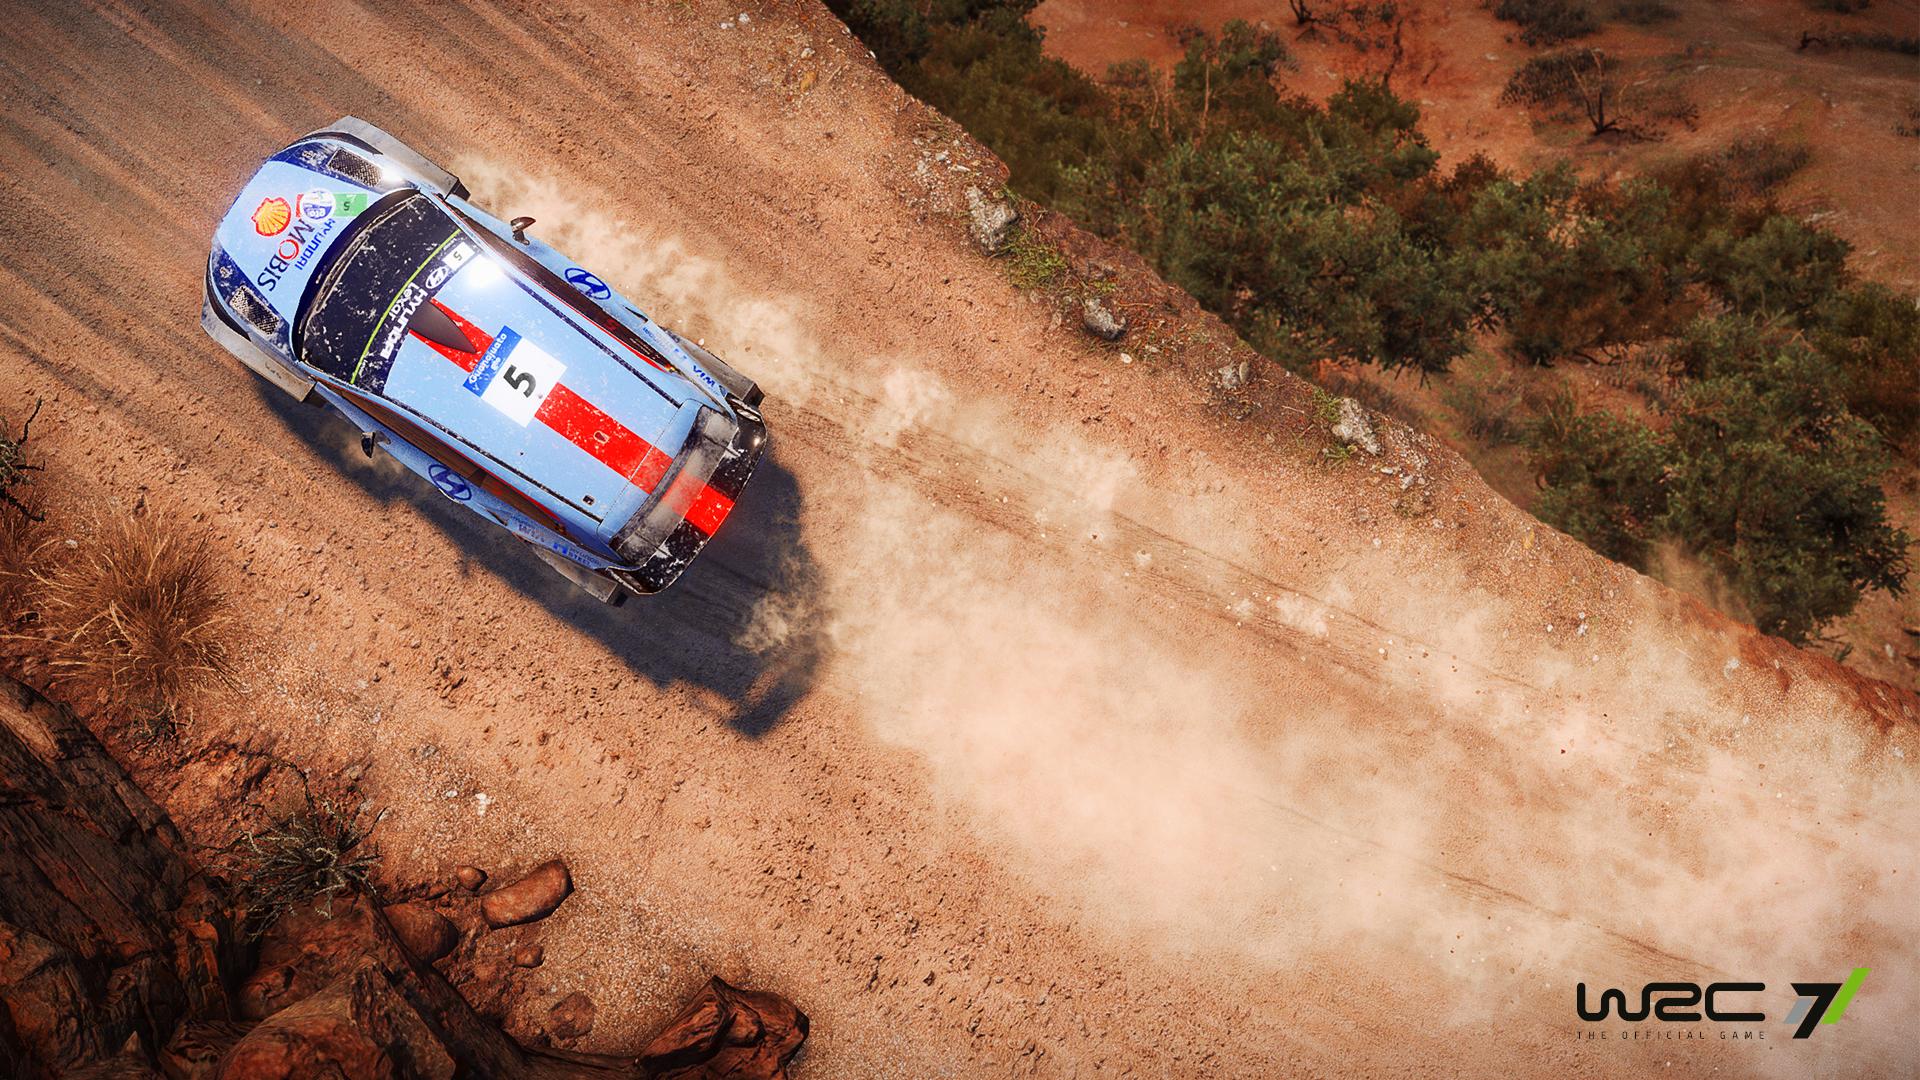 WRC7_Screen_1.jpg